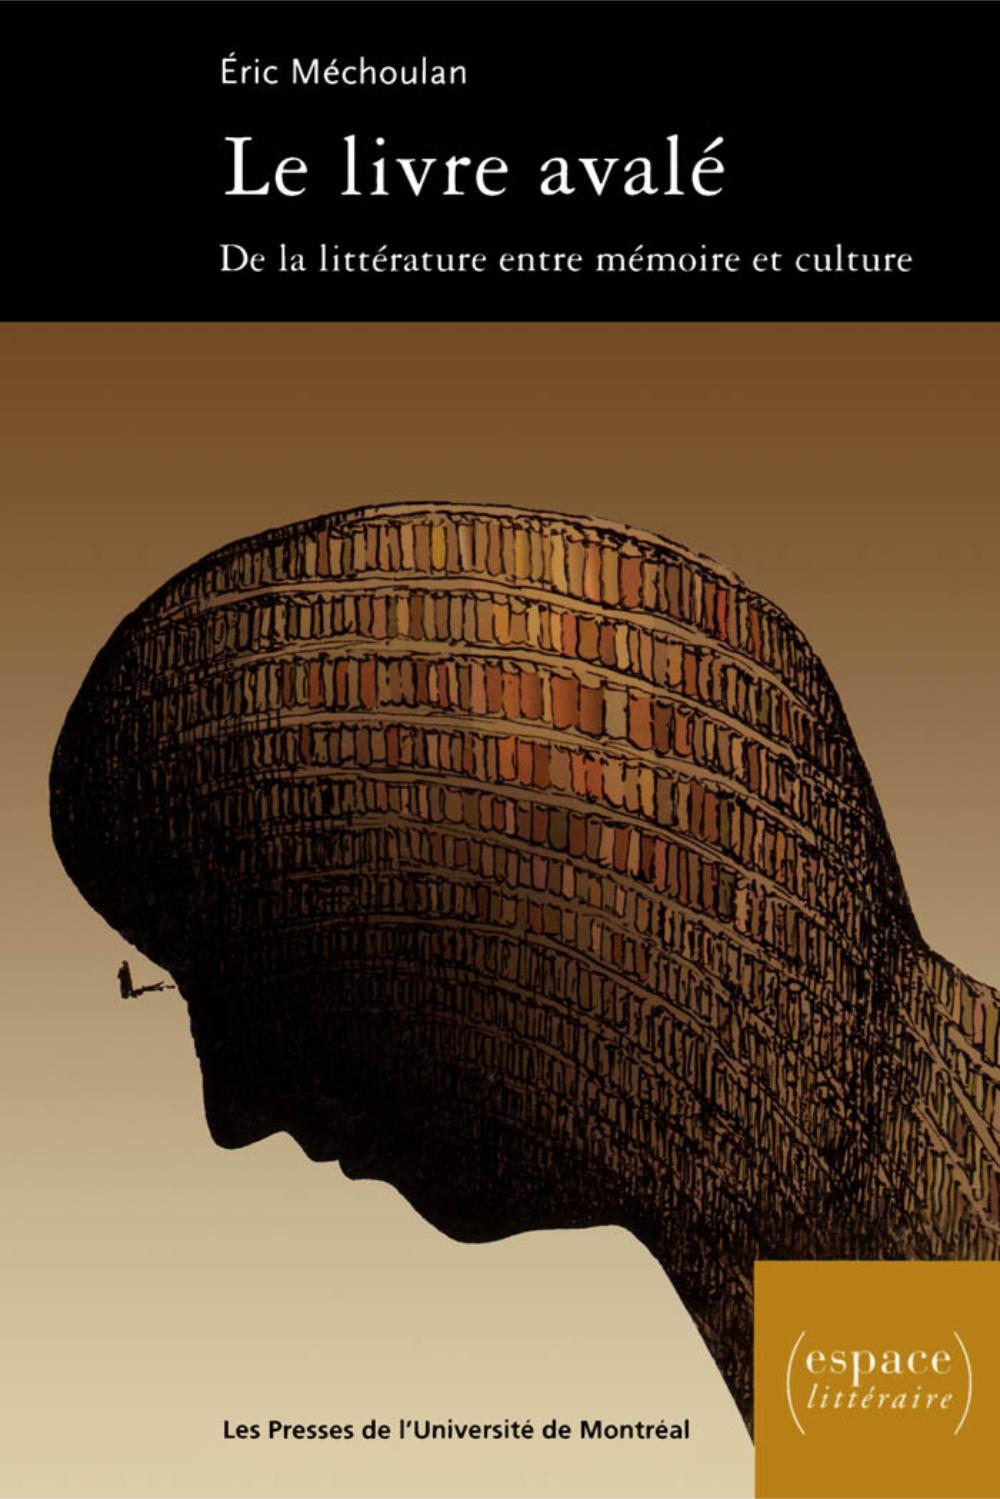 Le livre avalé. De la littérature entre mémoire et culture